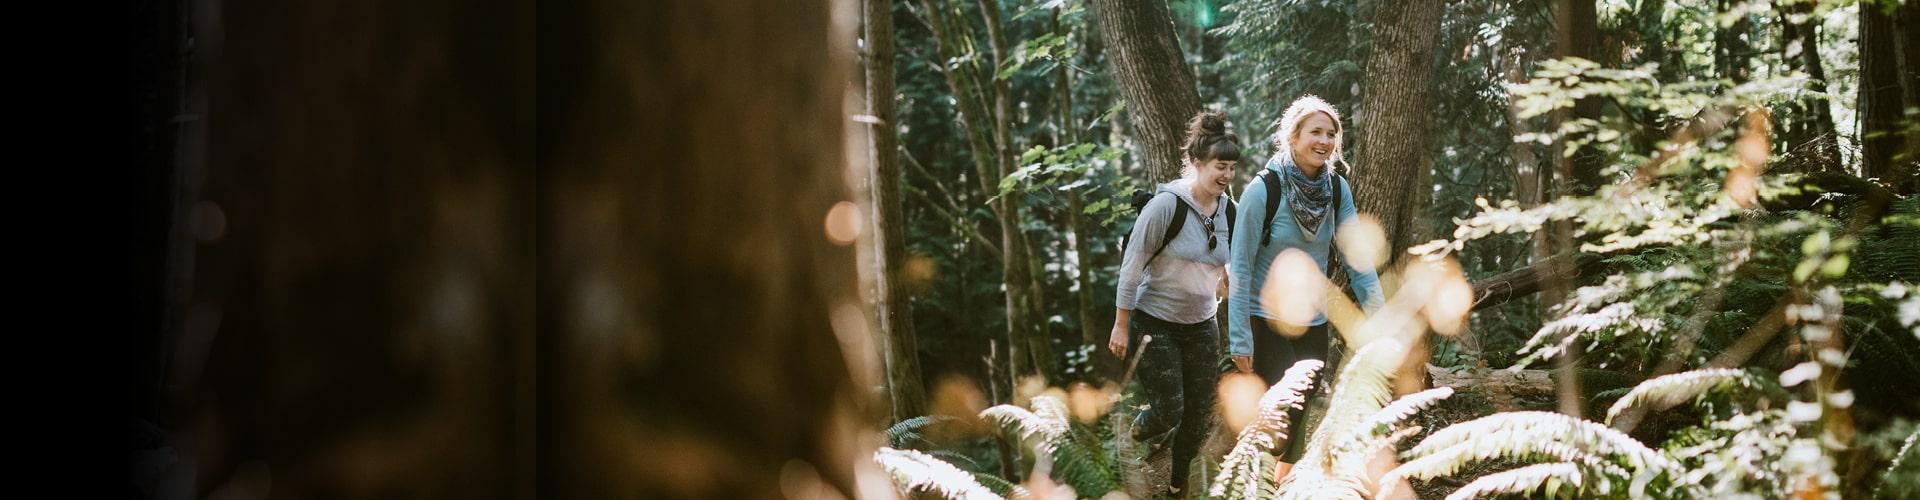 Two women walking in forest